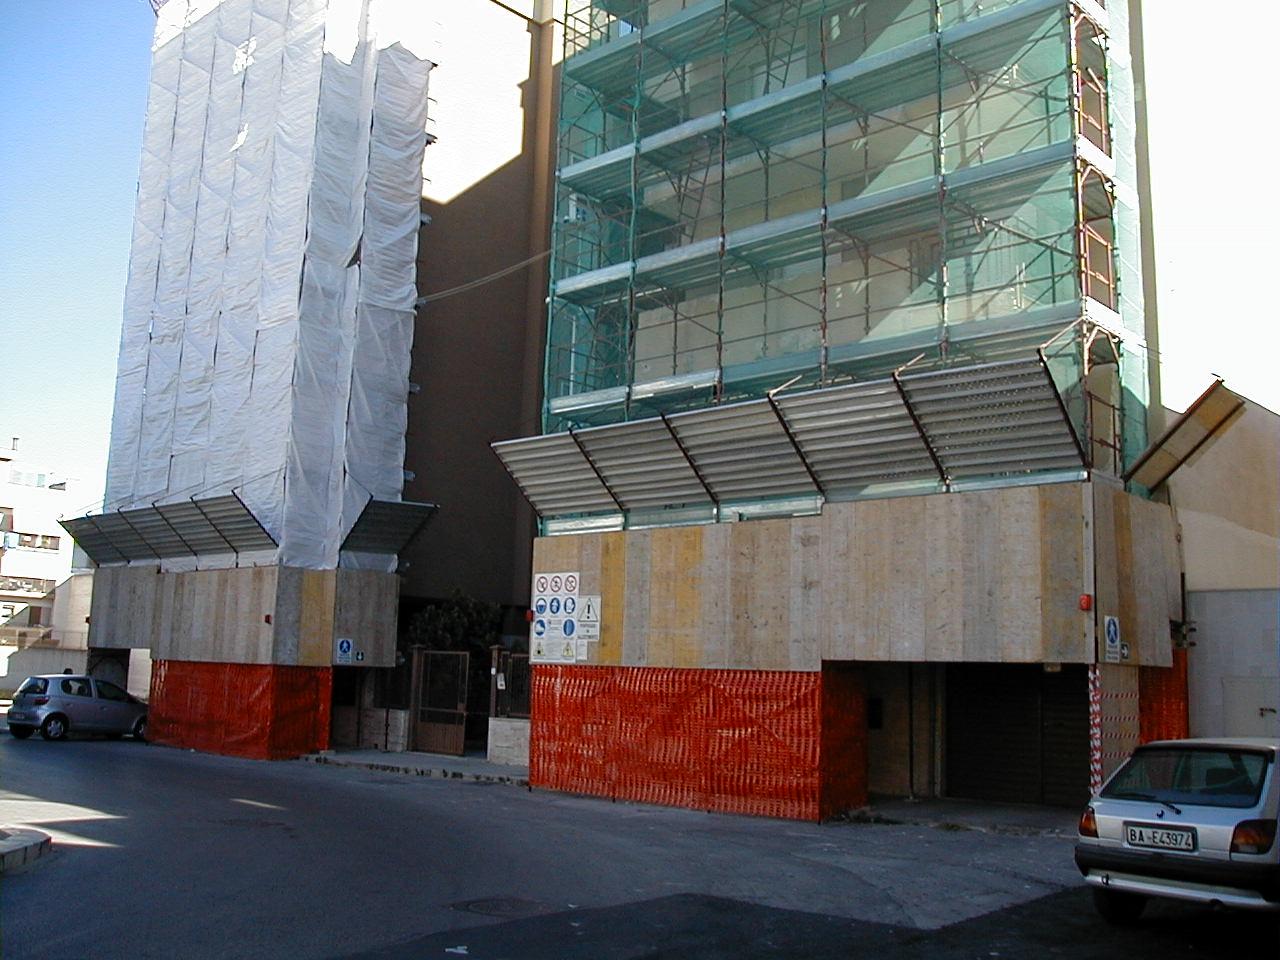 Ristrutturazioni edili impredil sas for Finanziamento della costruzione di nuove case